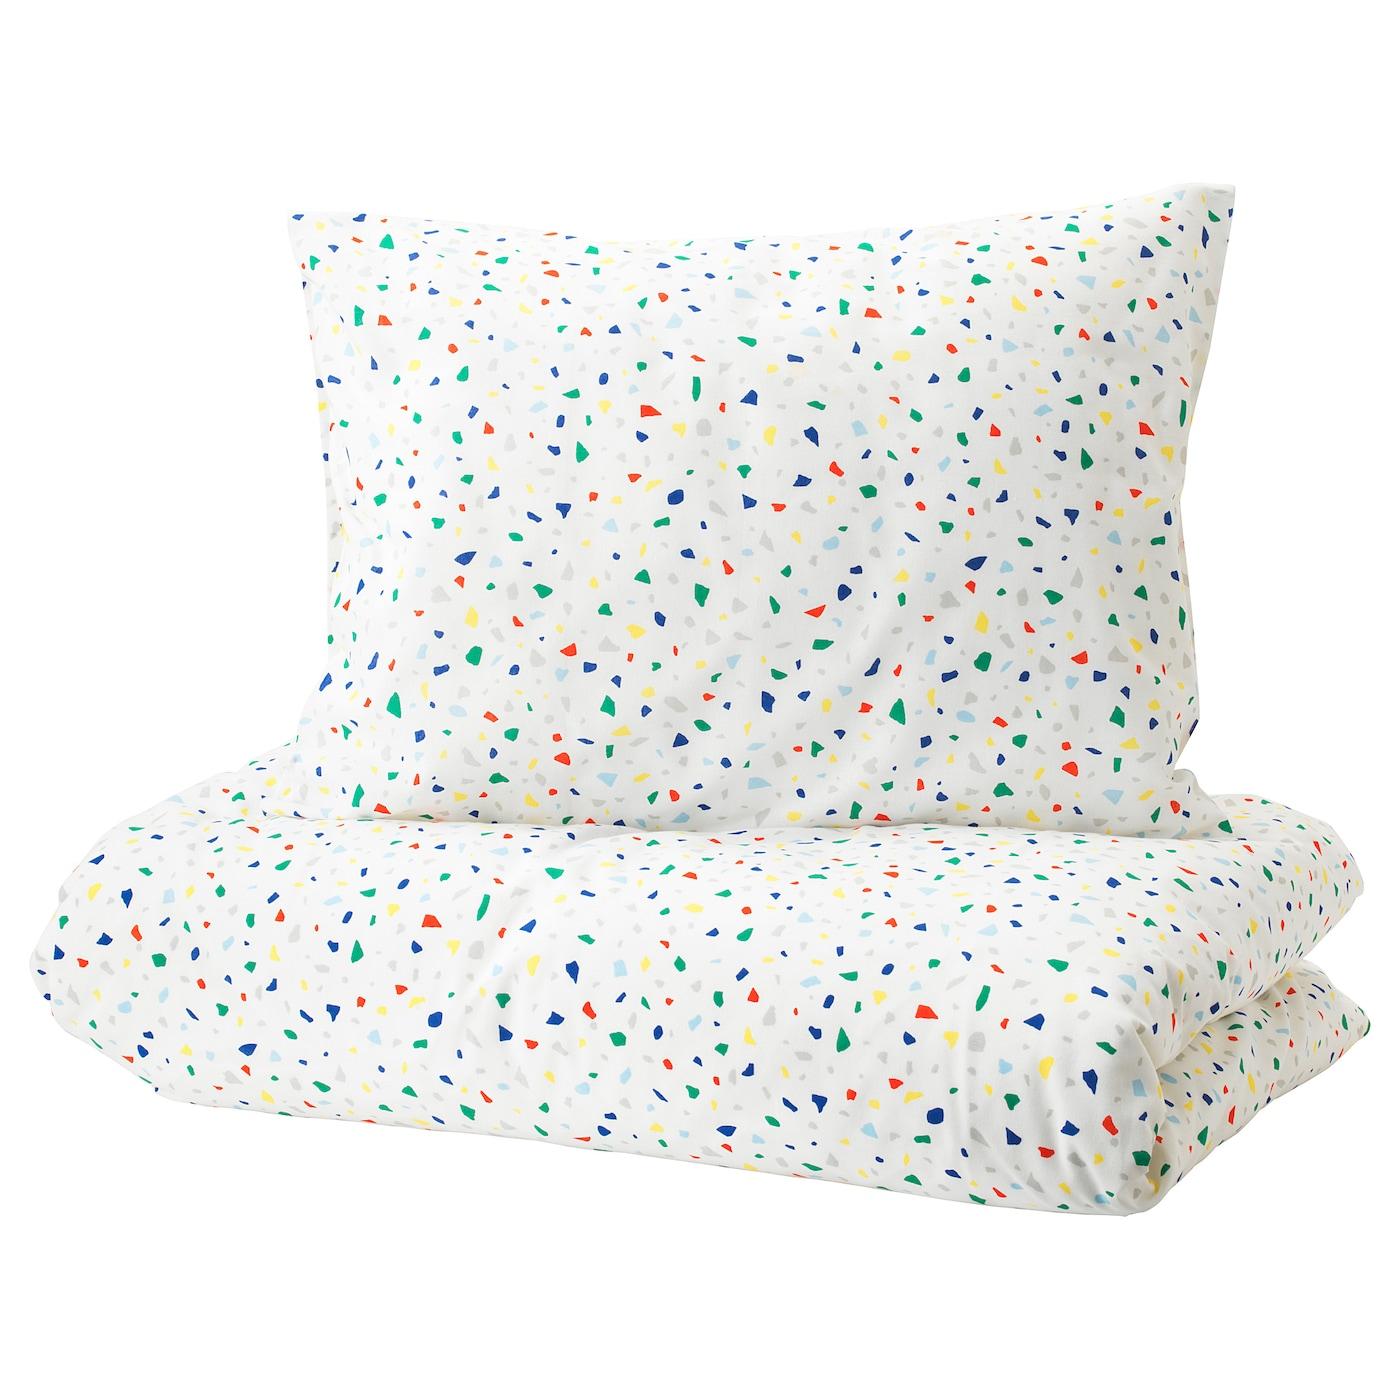 IKEA M–JLIGHET dekbedovertrek met 1 sloop Makkelijk wasbaar machinewas warm 60°C